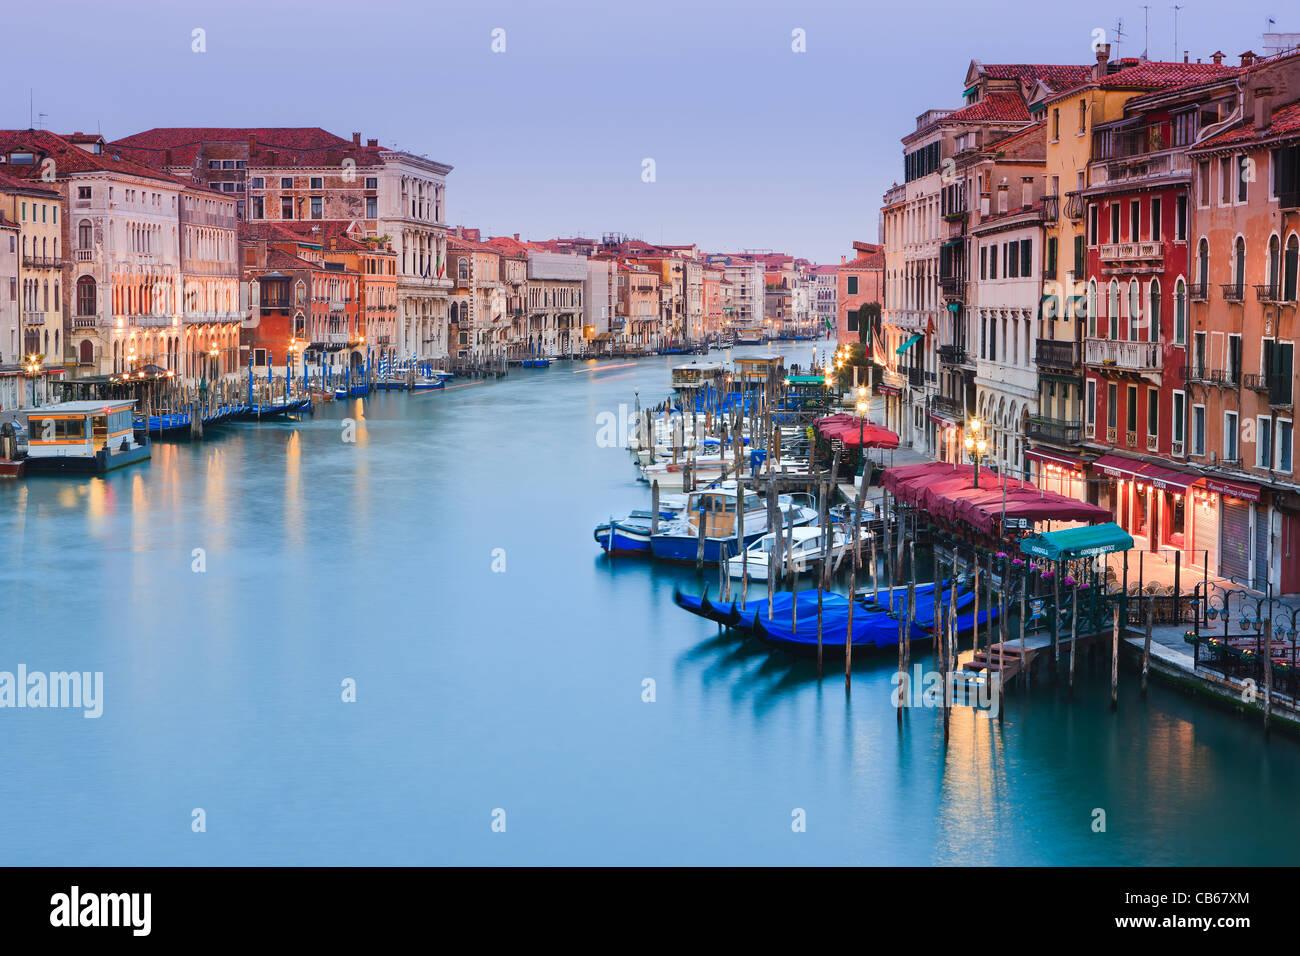 Sonnenaufgang in Venedig von der Rialto-Brücke mit Blick auf den Canal Grande Stockfoto